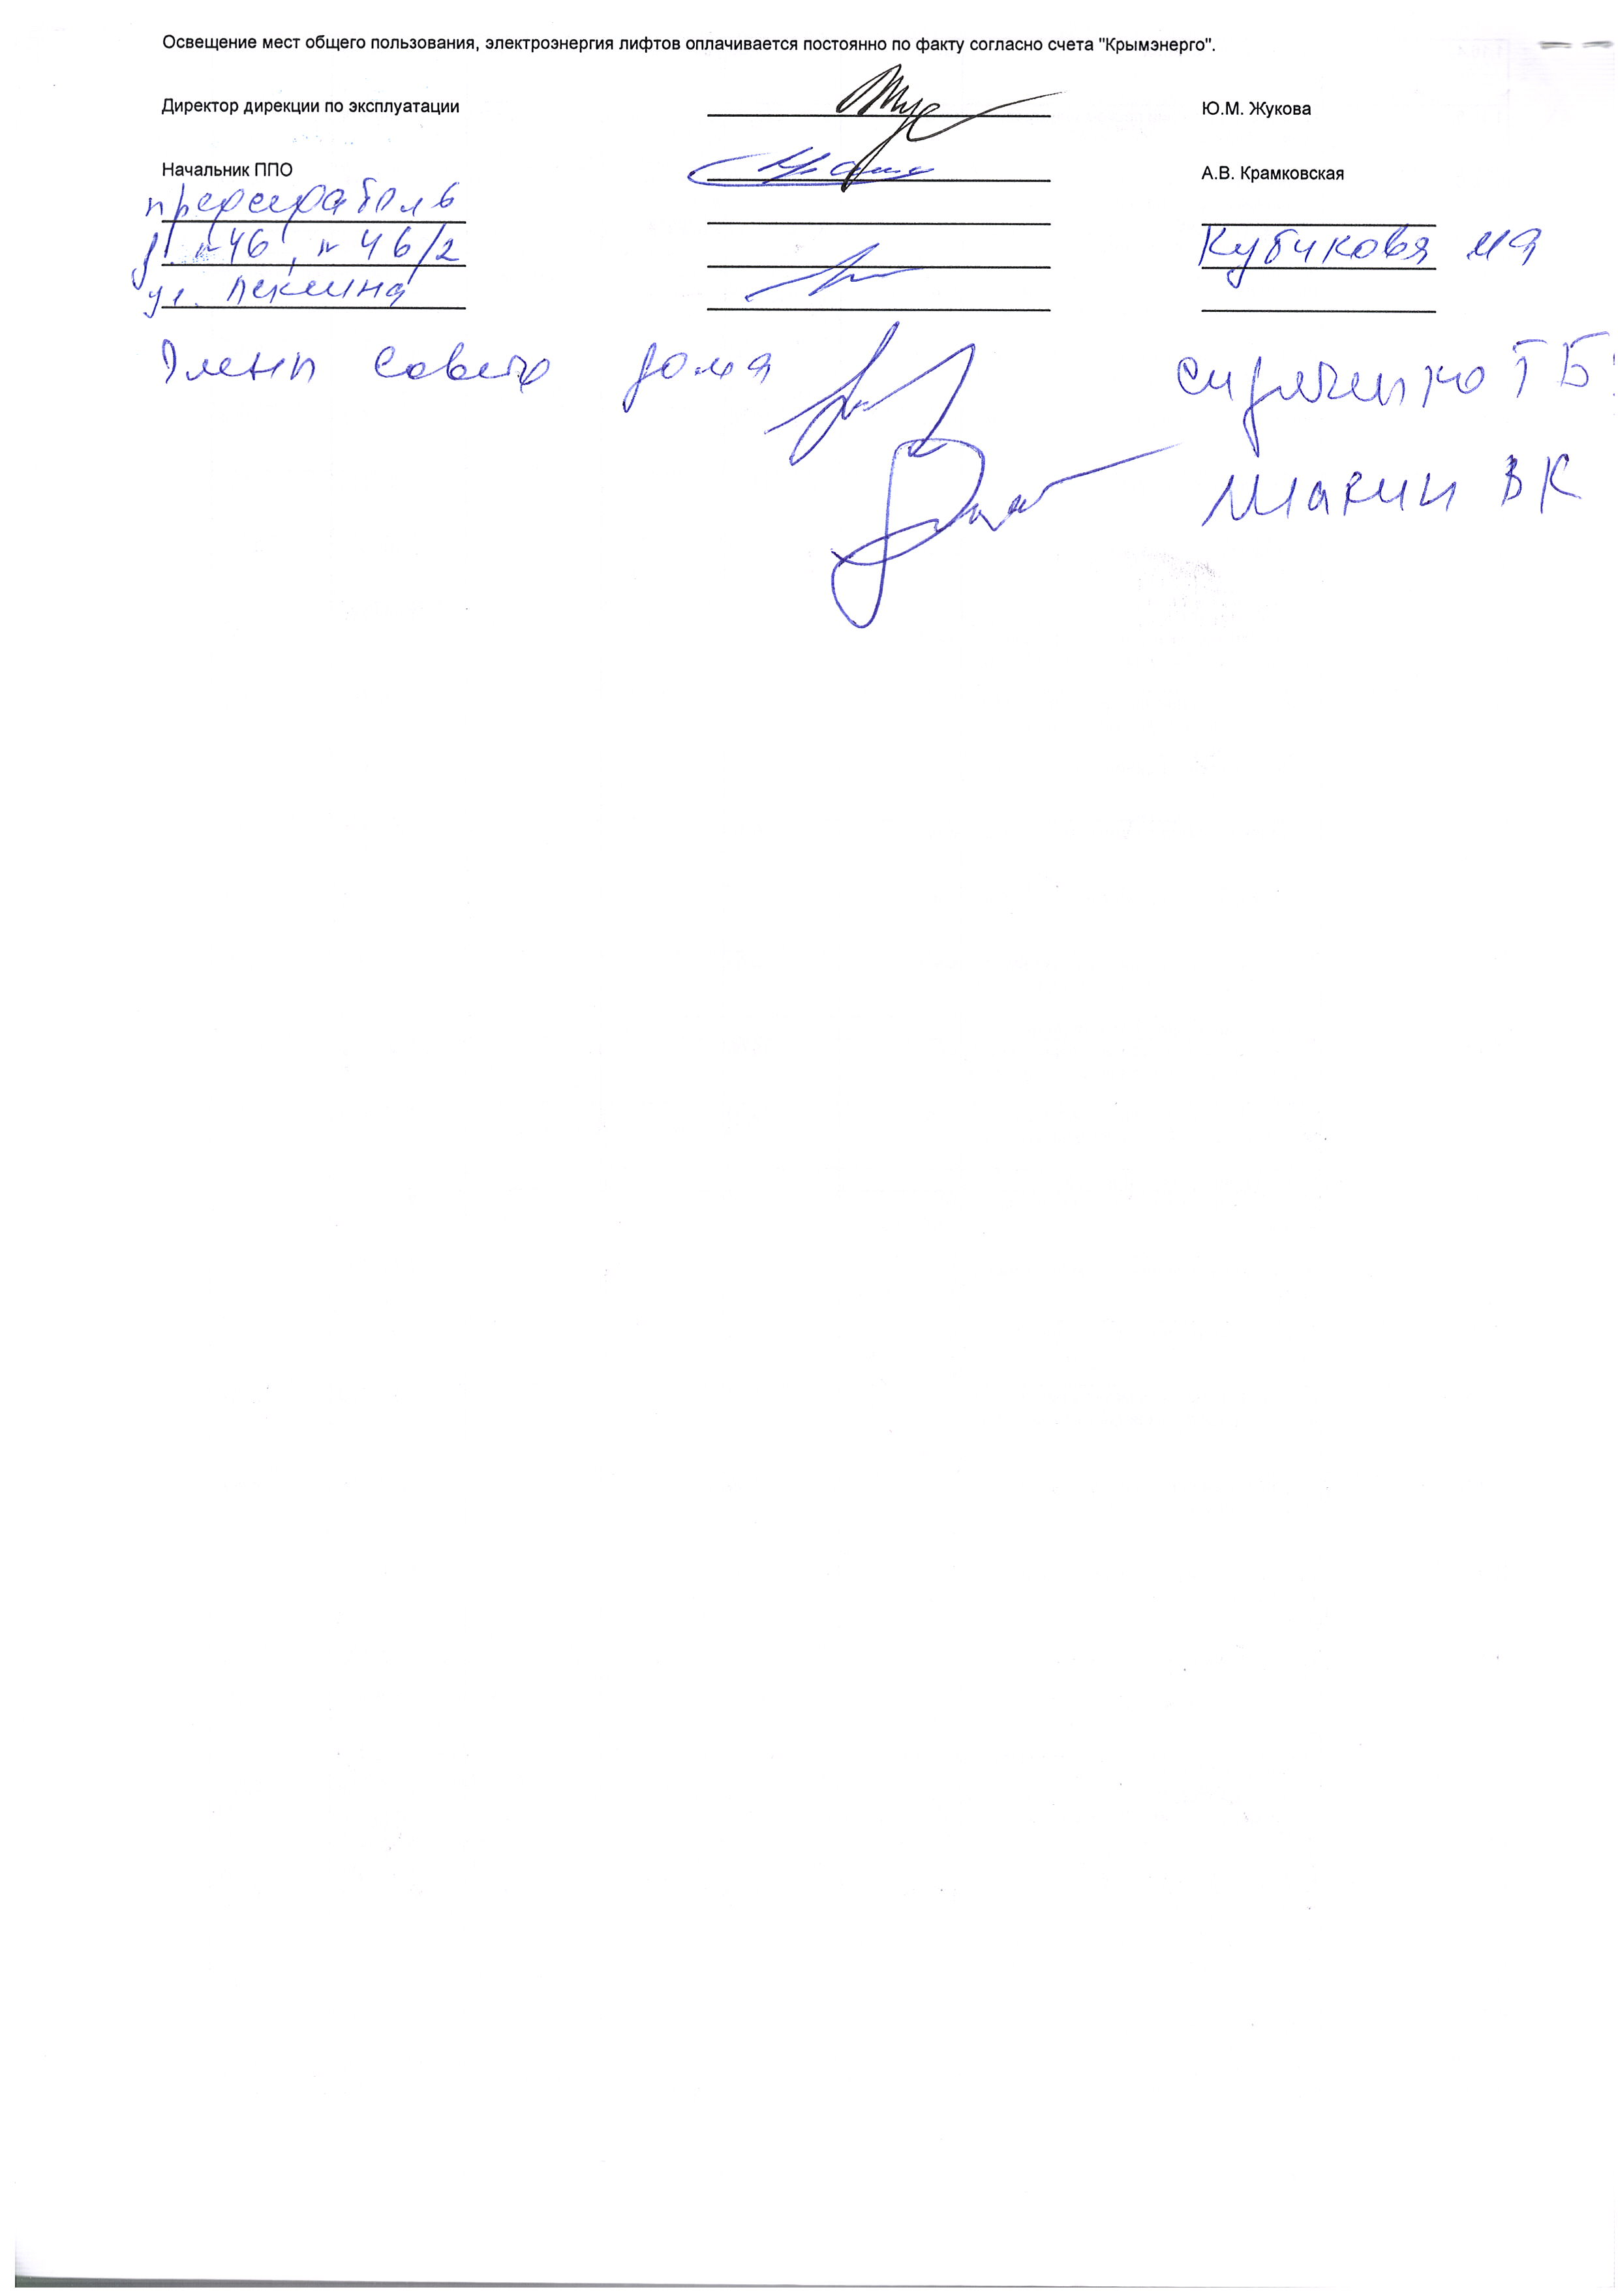 Лексина 46 для 1 эт (с.4)